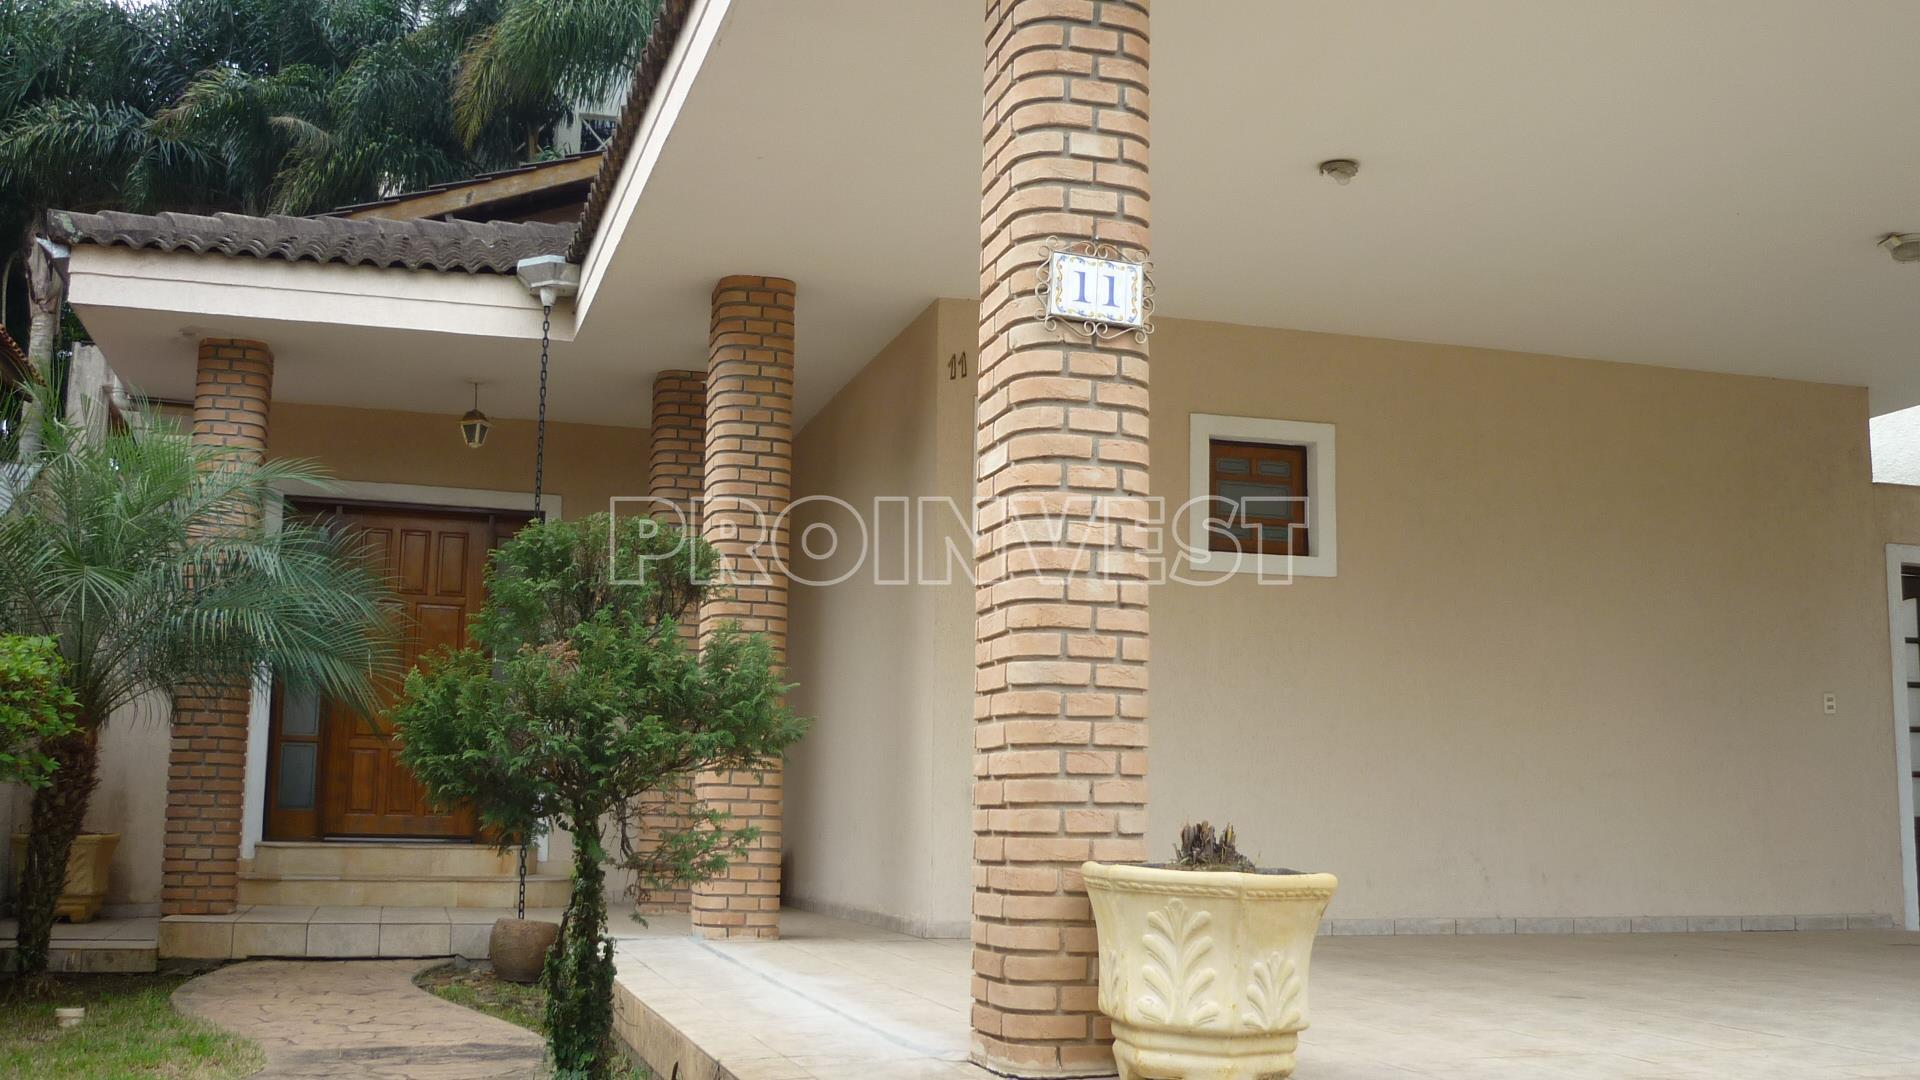 Casa de 3 dormitórios em Residence Plaza, Cotia - SP